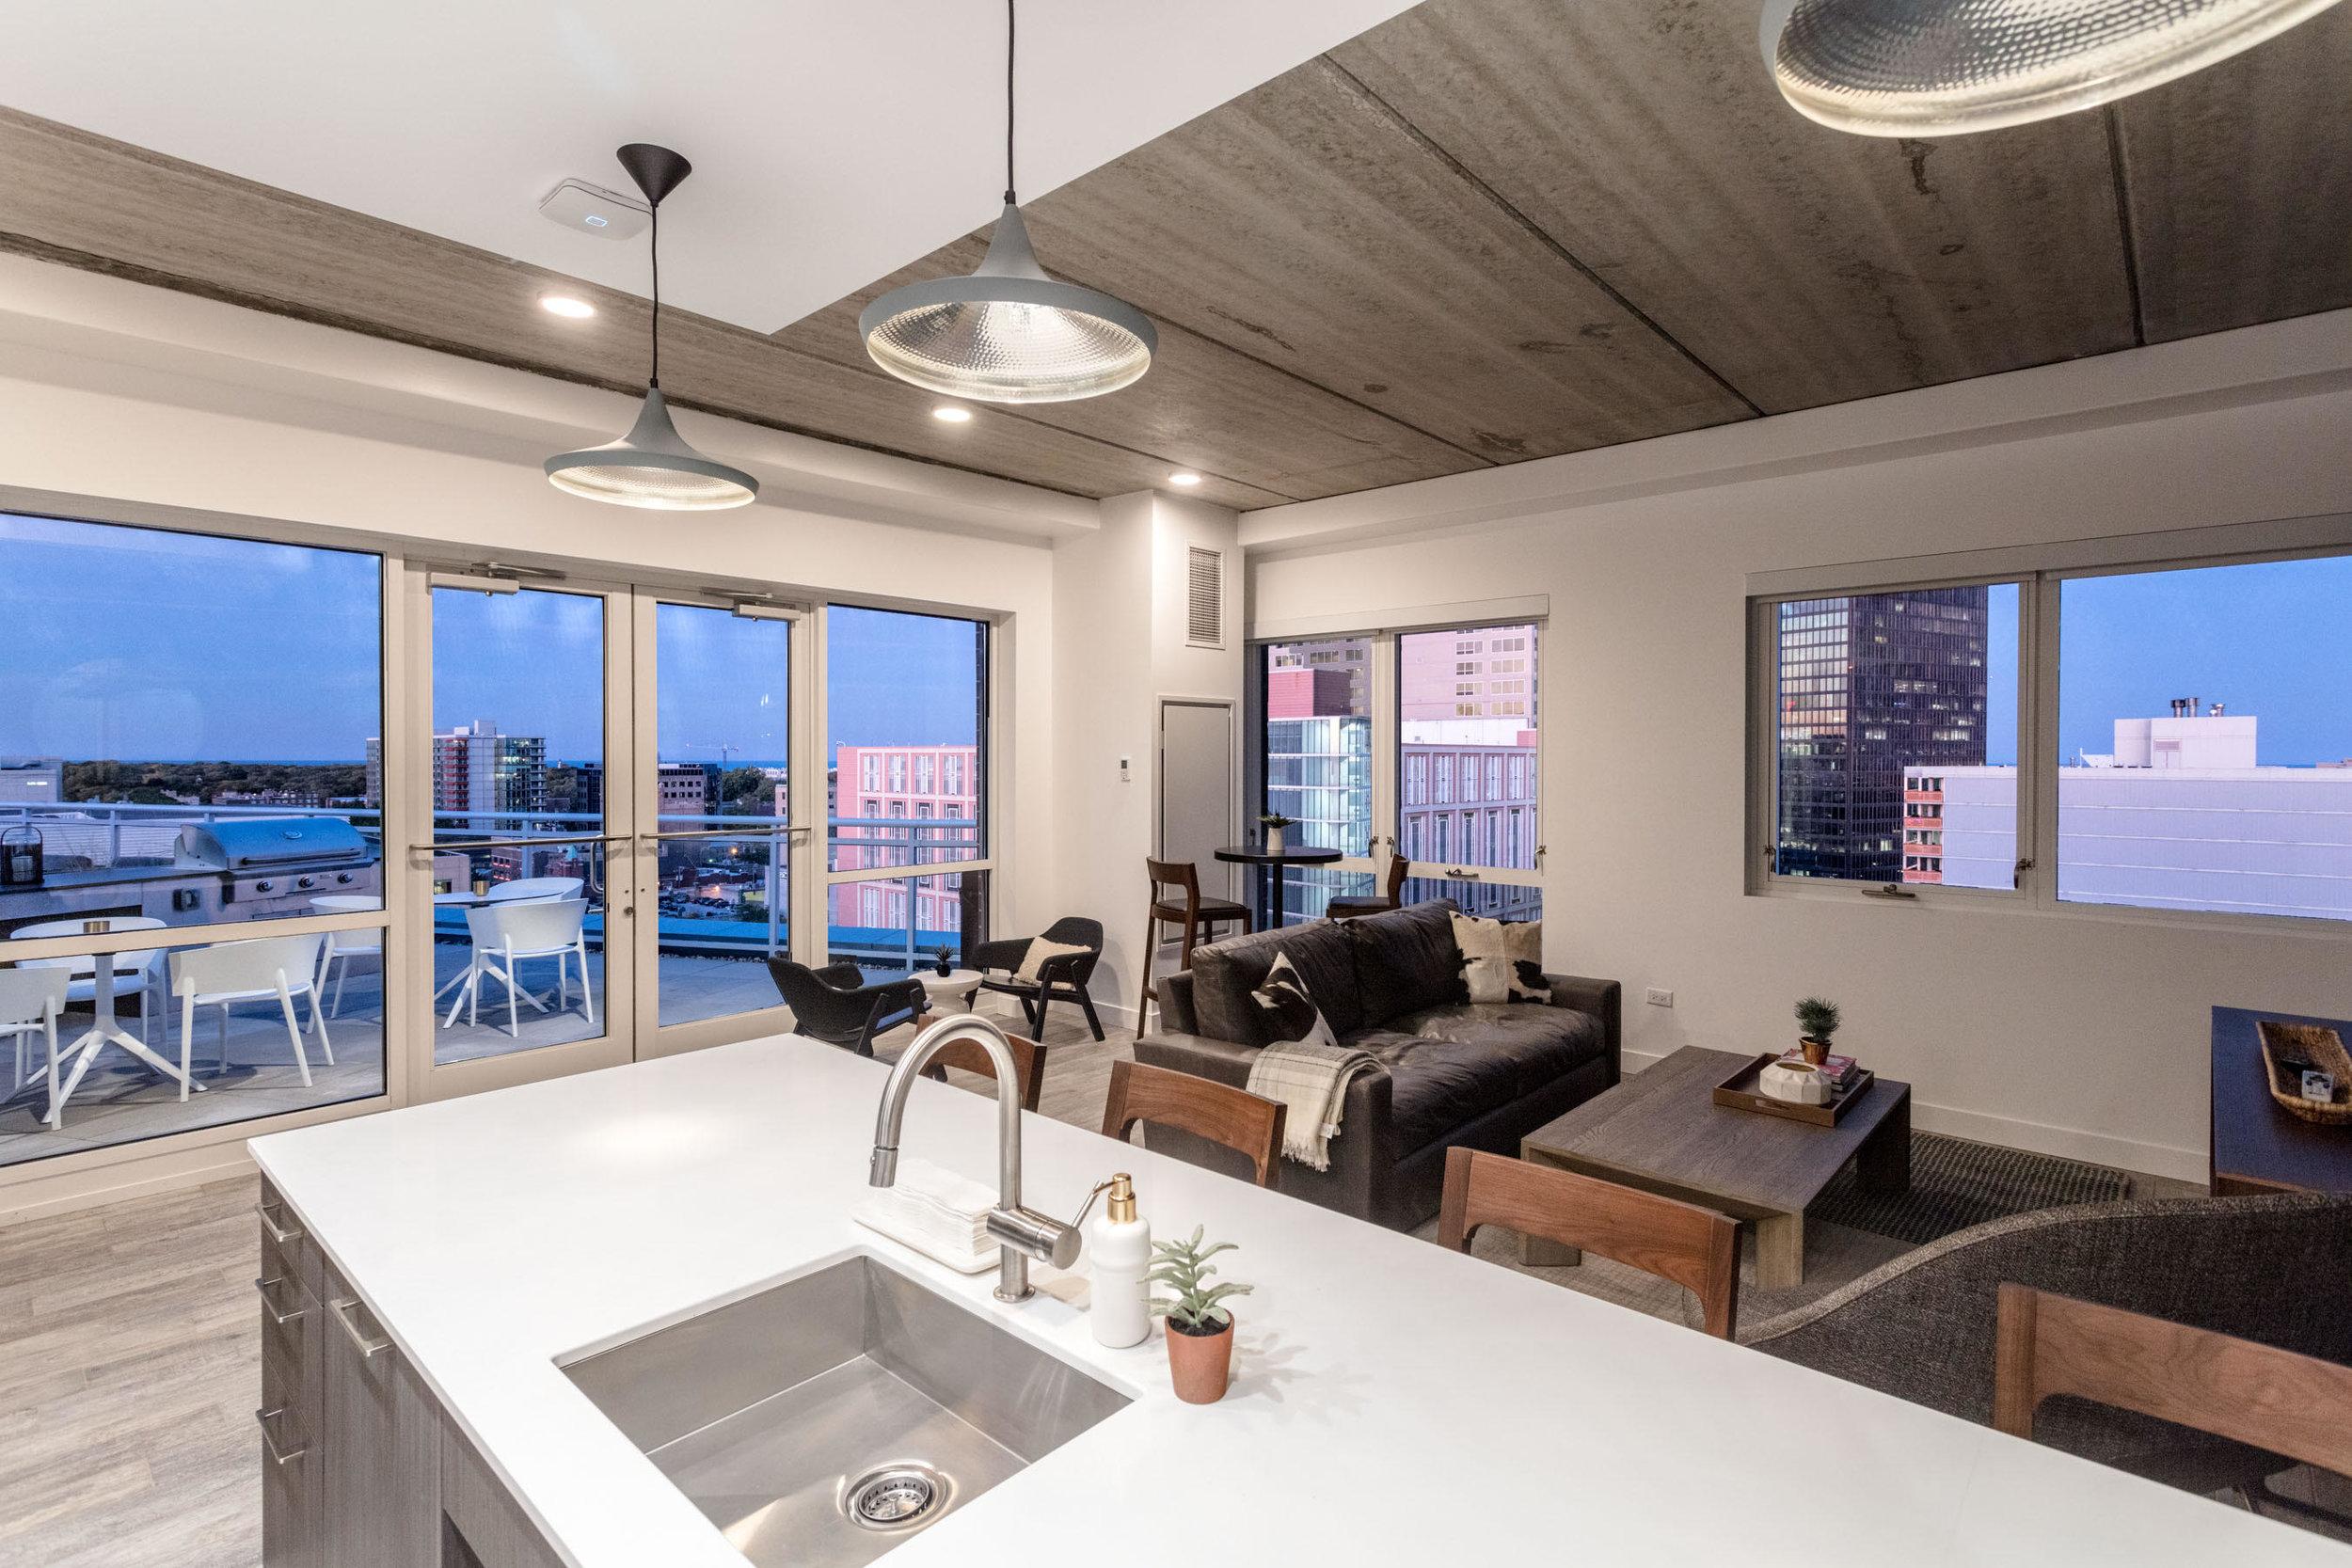 Centrum Evanston - Resident Lounge - 01.jpg